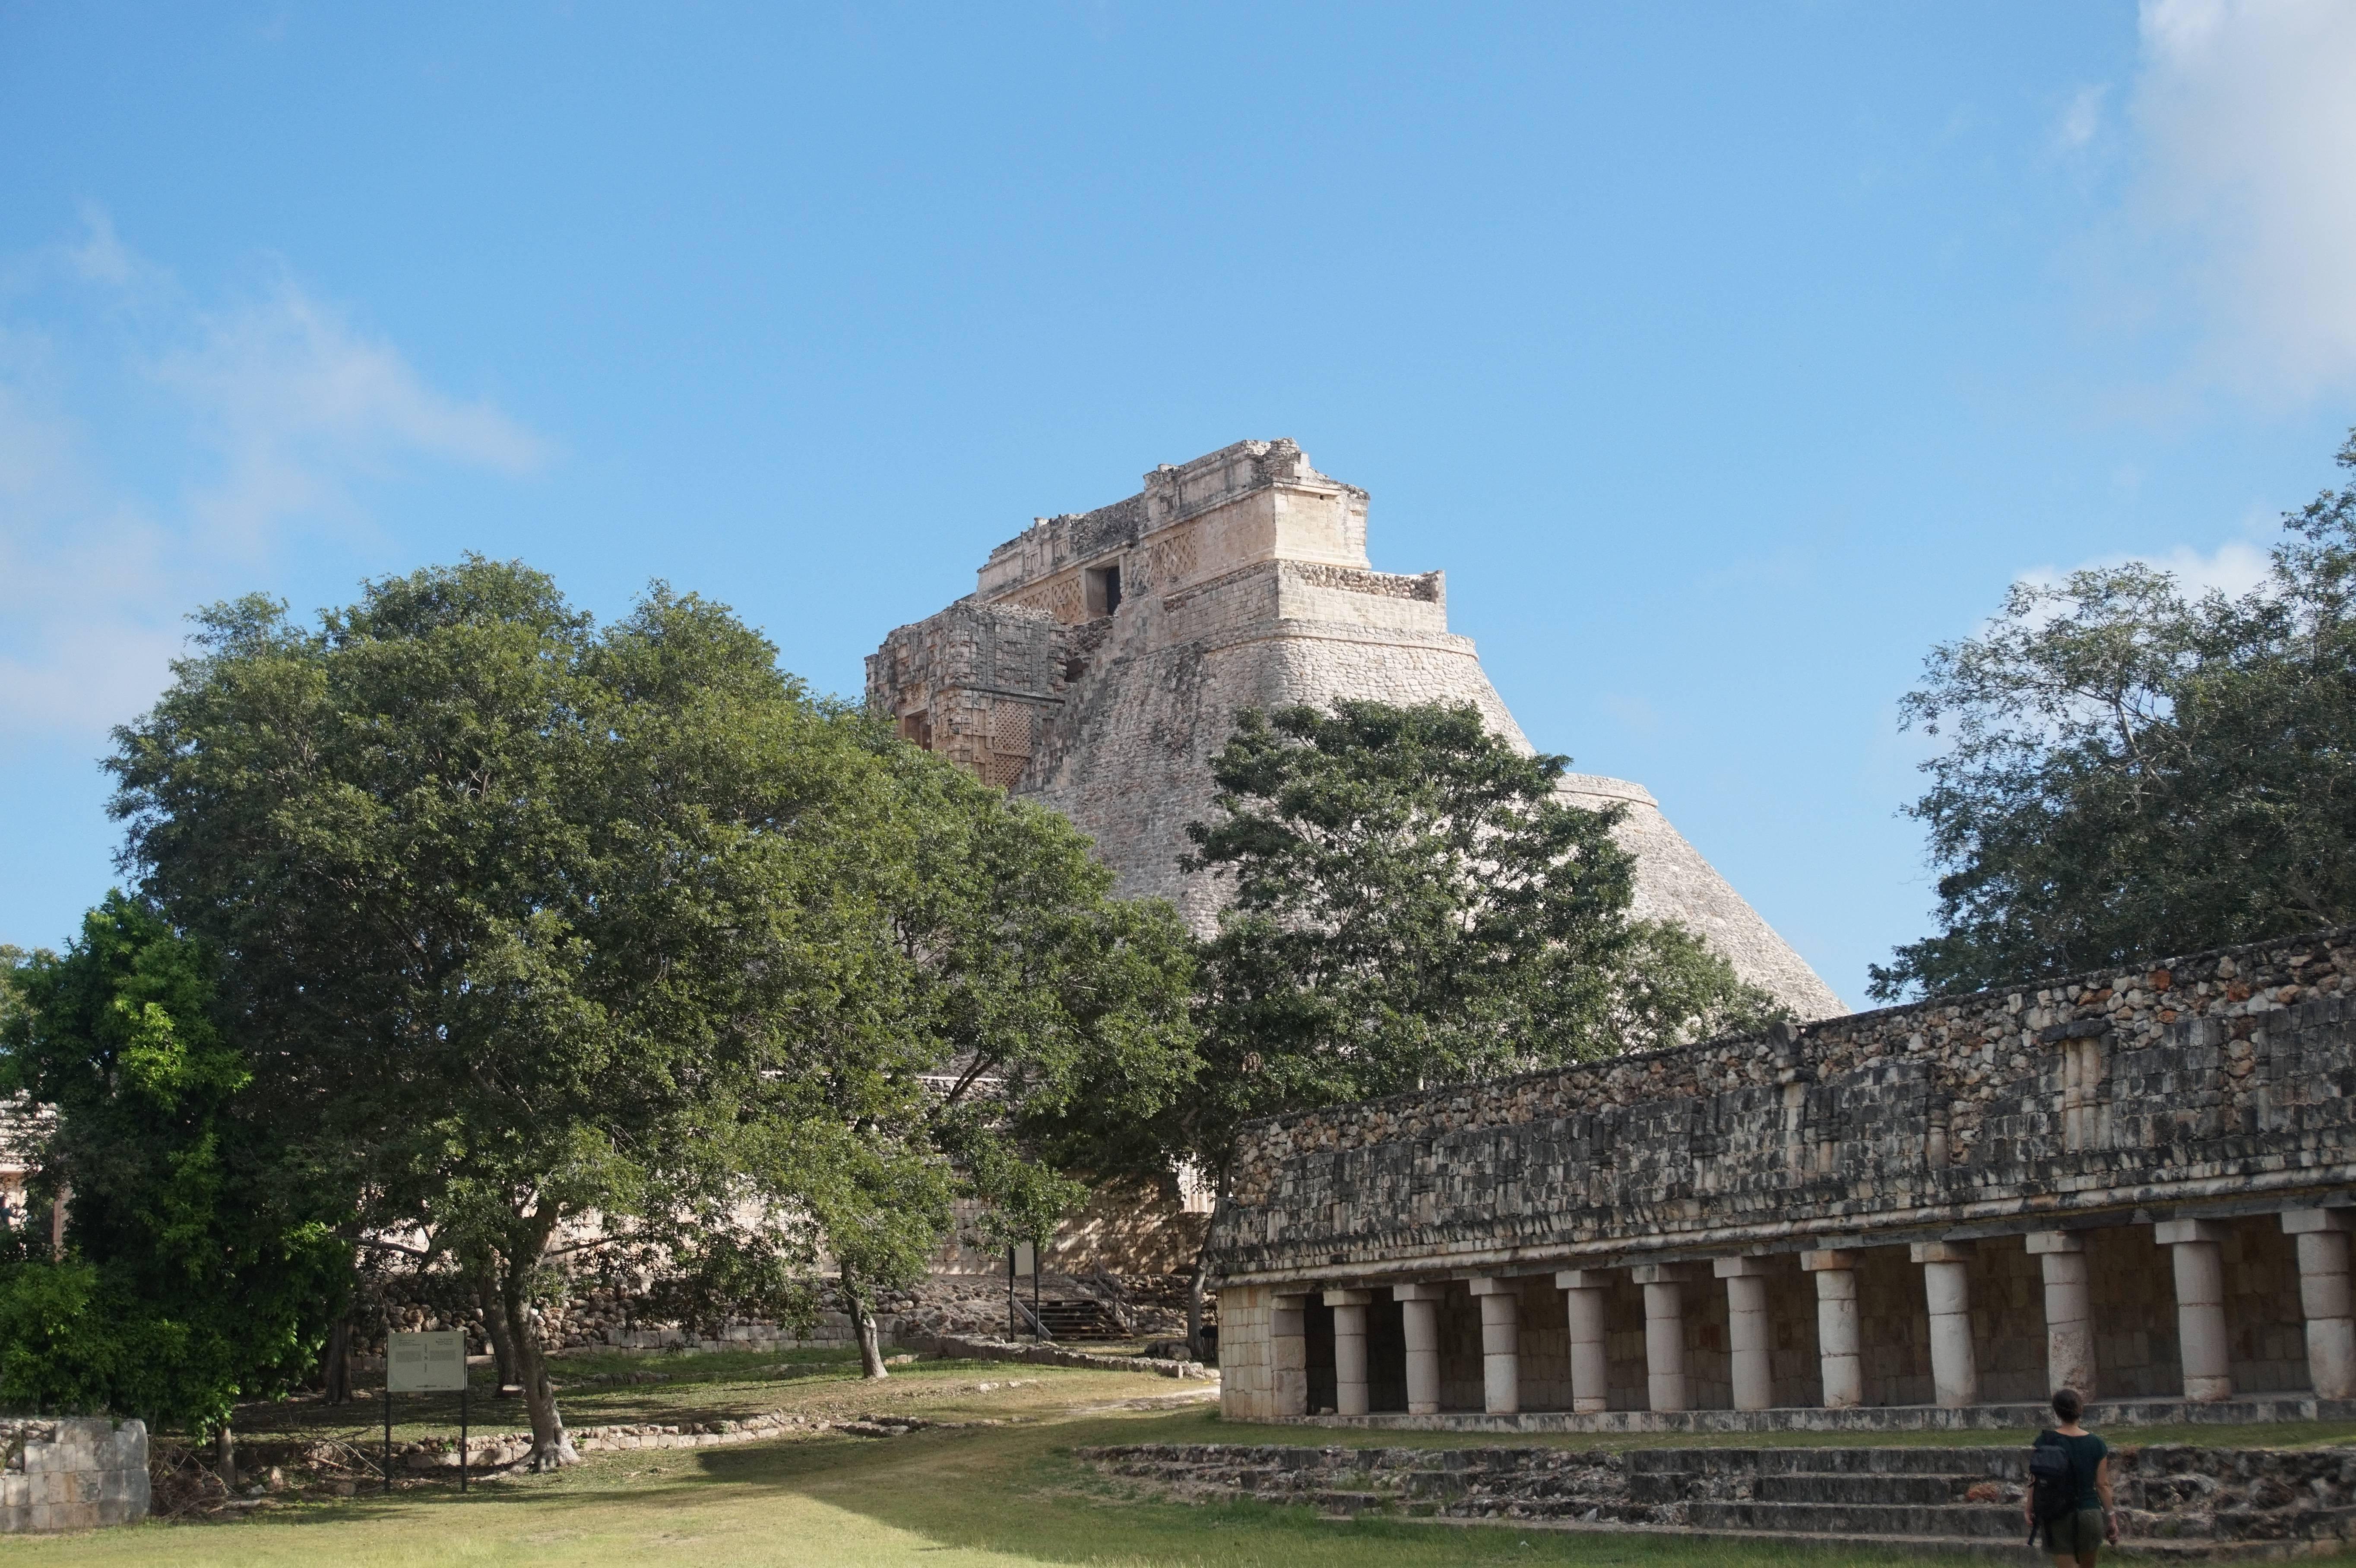 Photo 2: Uxmal, une des plus belles cité Maya